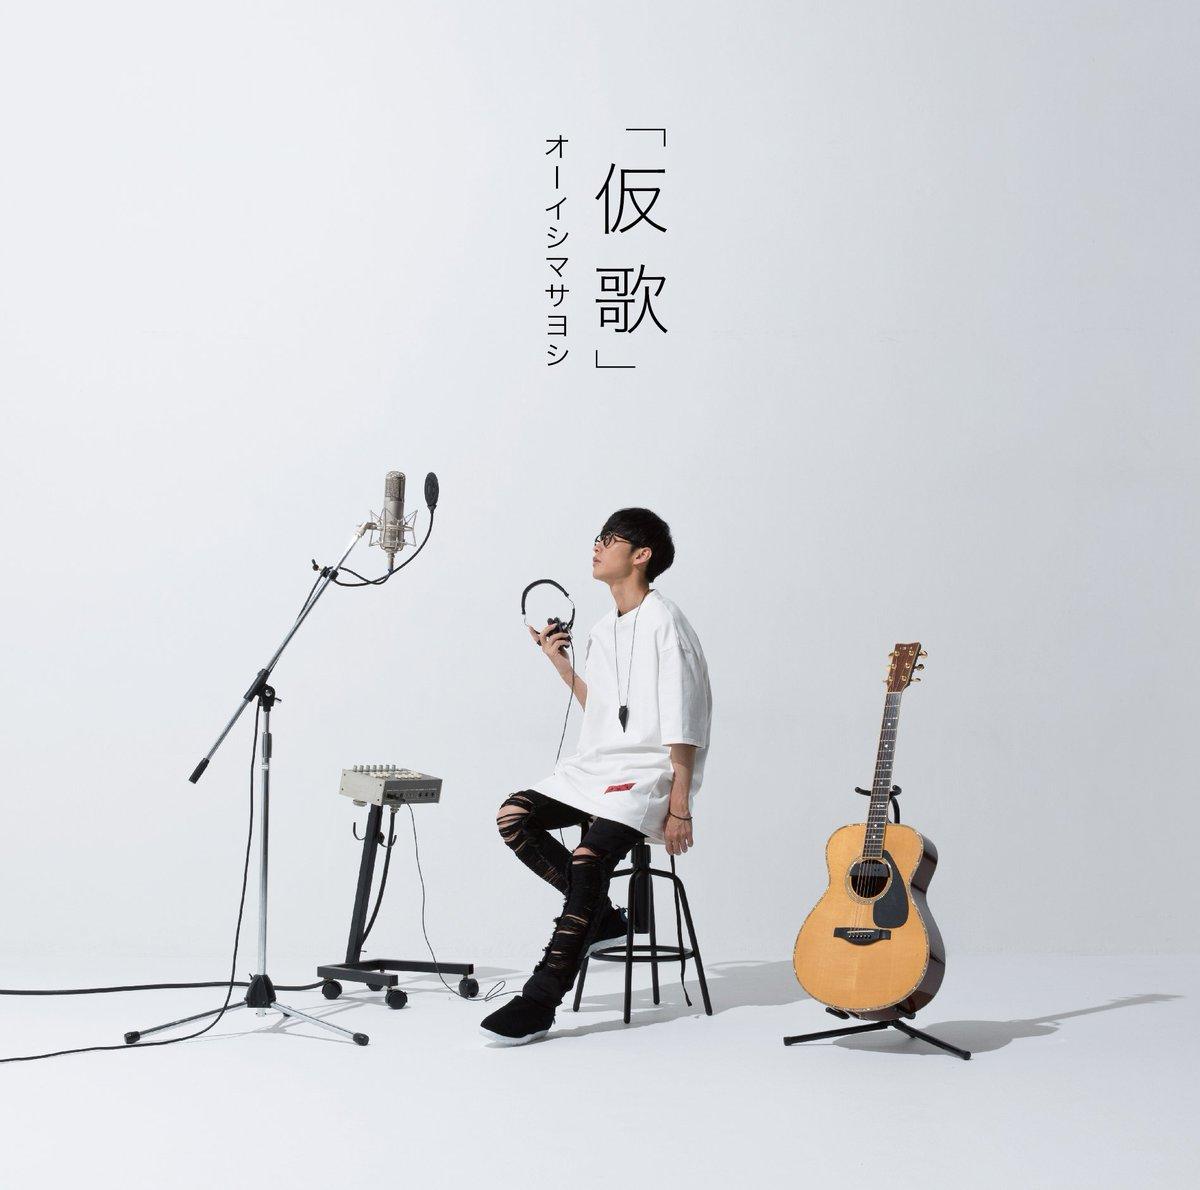 明後日はオーイシマサヨシさんのセルフカバーアルバム「仮歌」が配信開始日!「ようこそジャパリパークへ」他、「枕男子」「ぼう